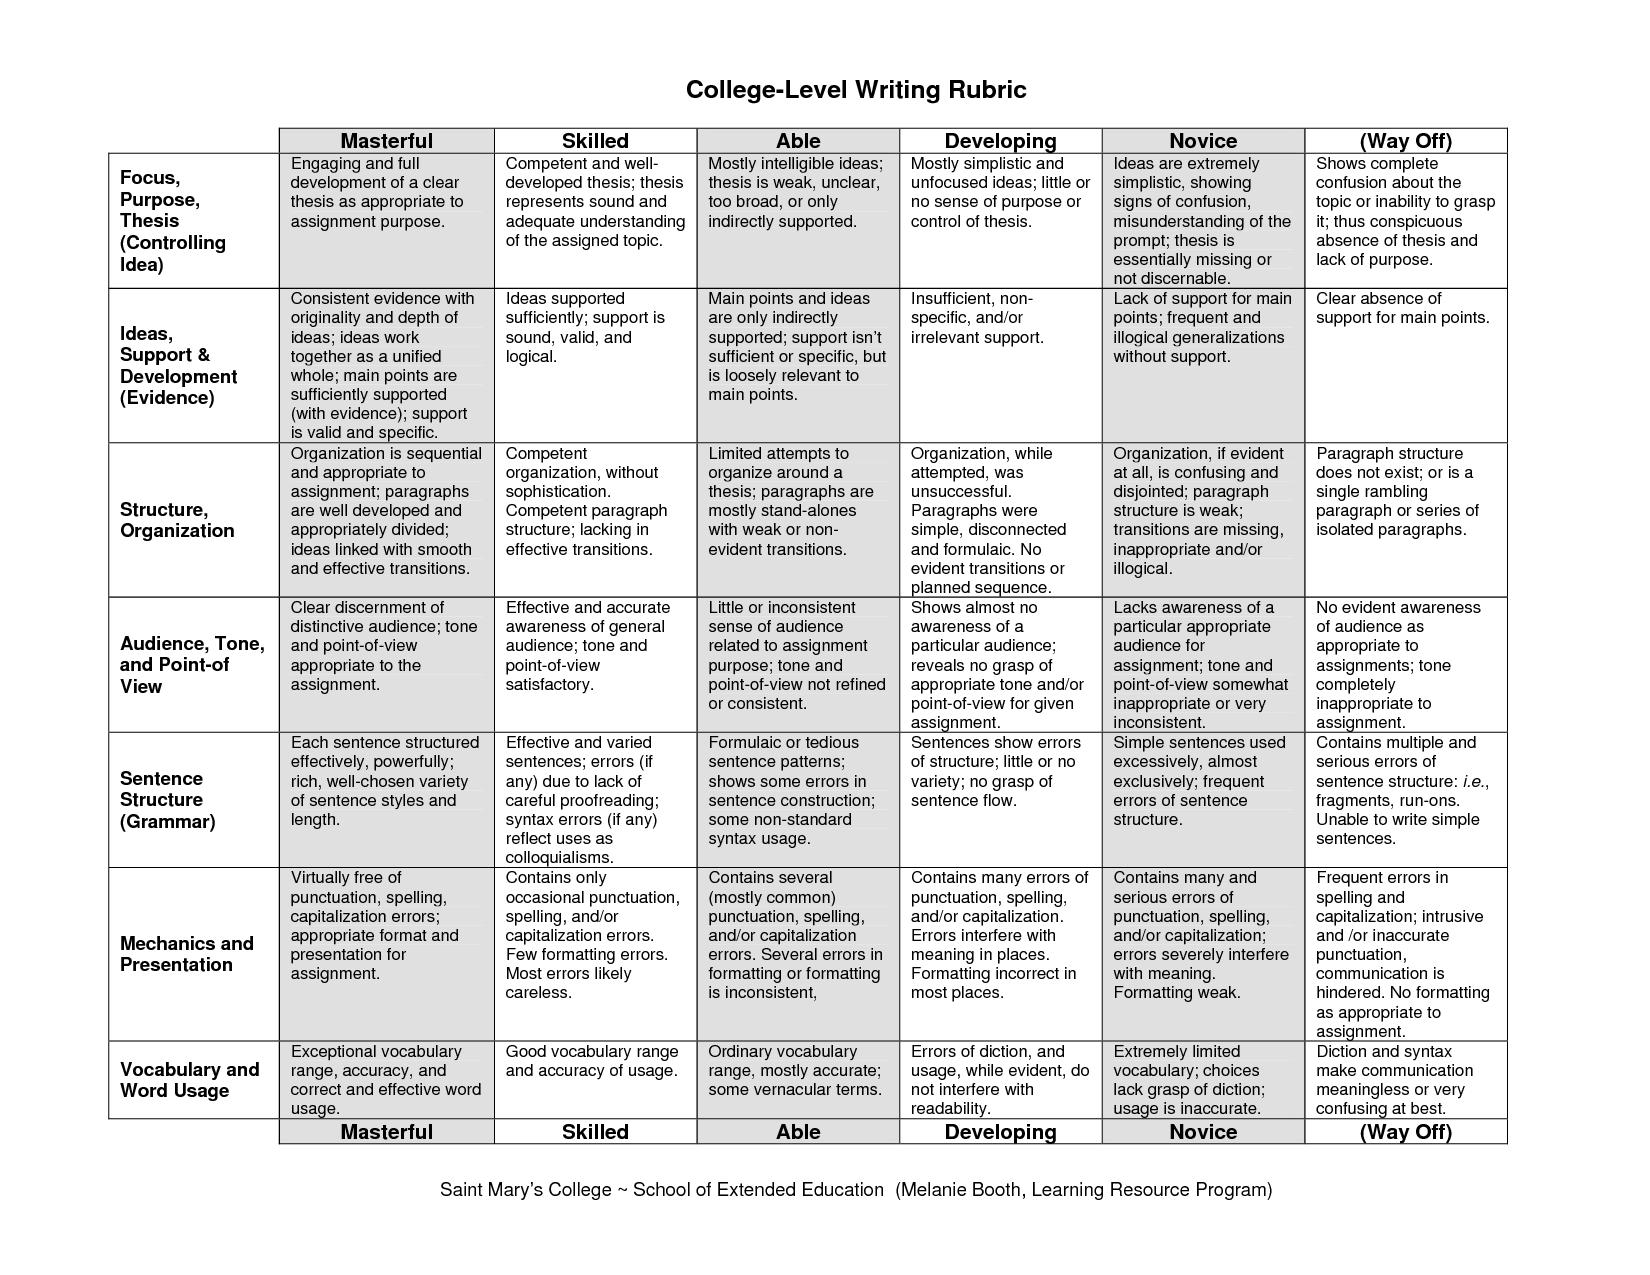 017 College Level Essay Exceptional Persuasive Examples Argumentative Topics Full